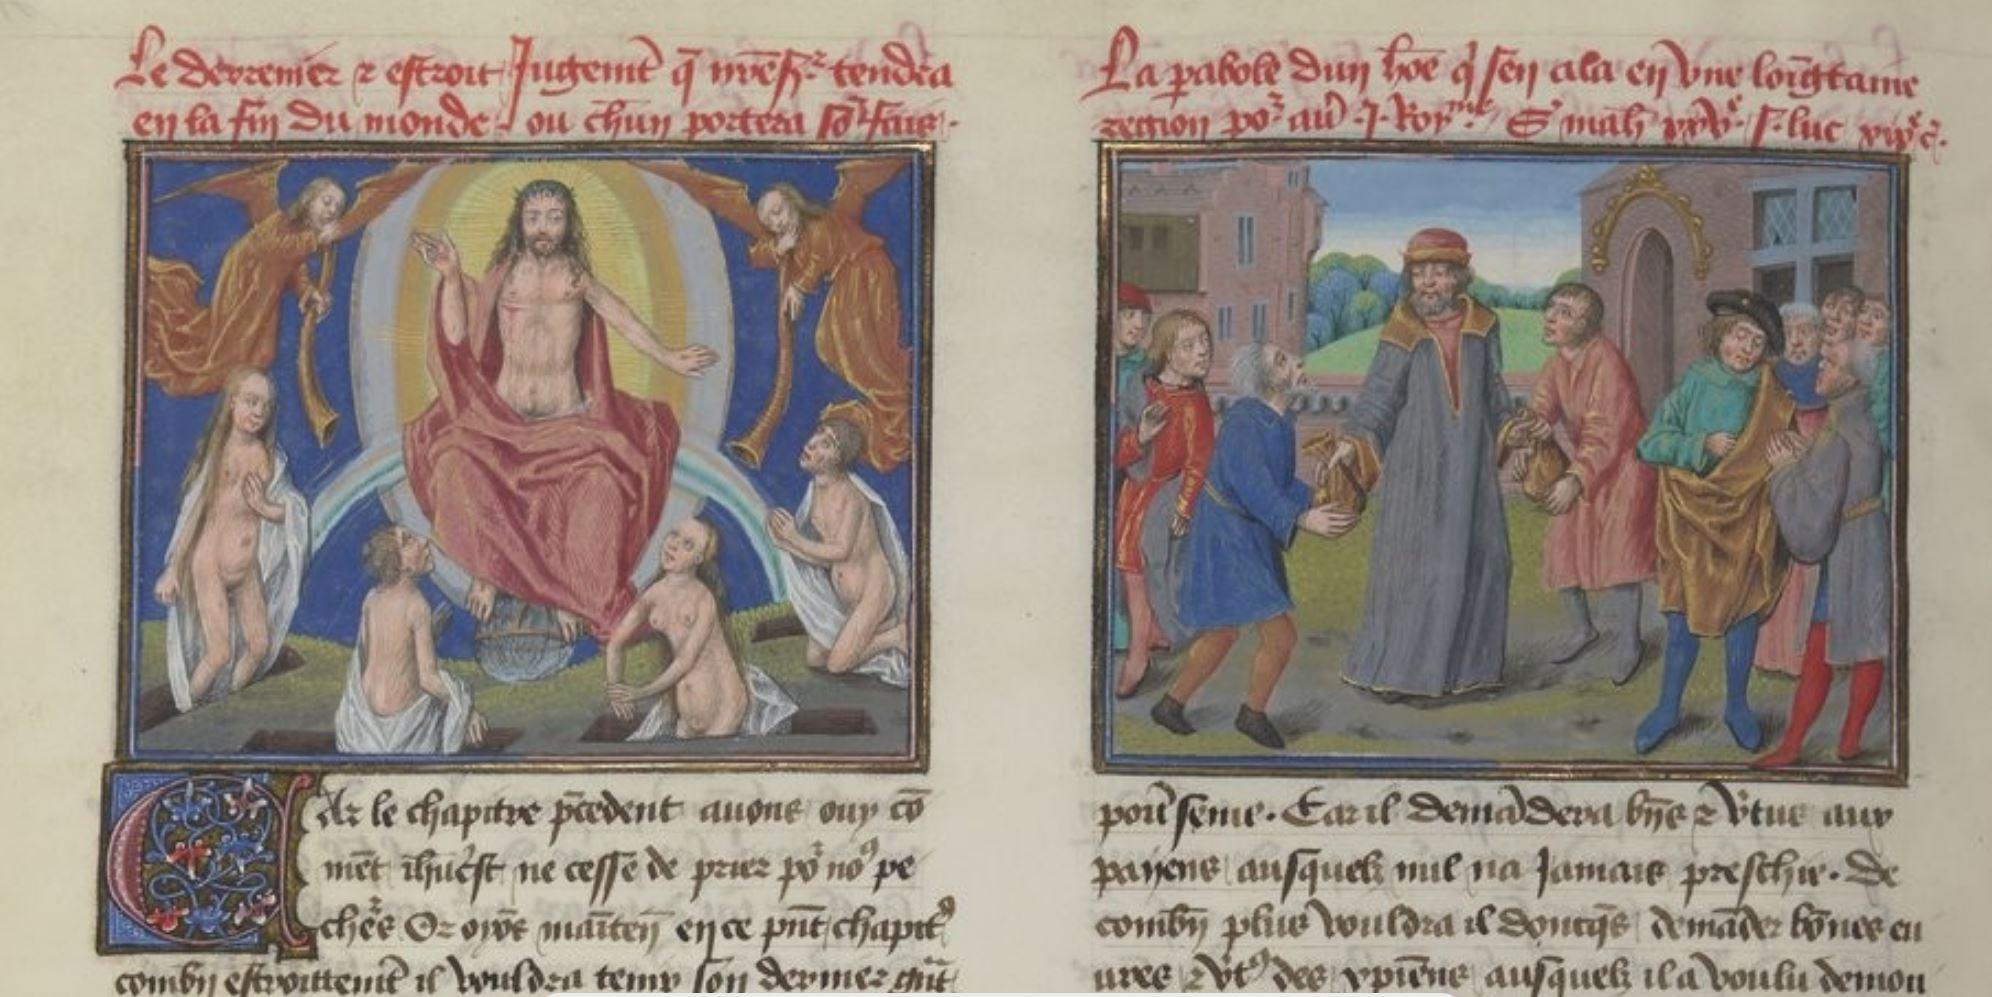 Speculum humanae salvationis, 1485 ca BNF fr. 6275, fol. 41v